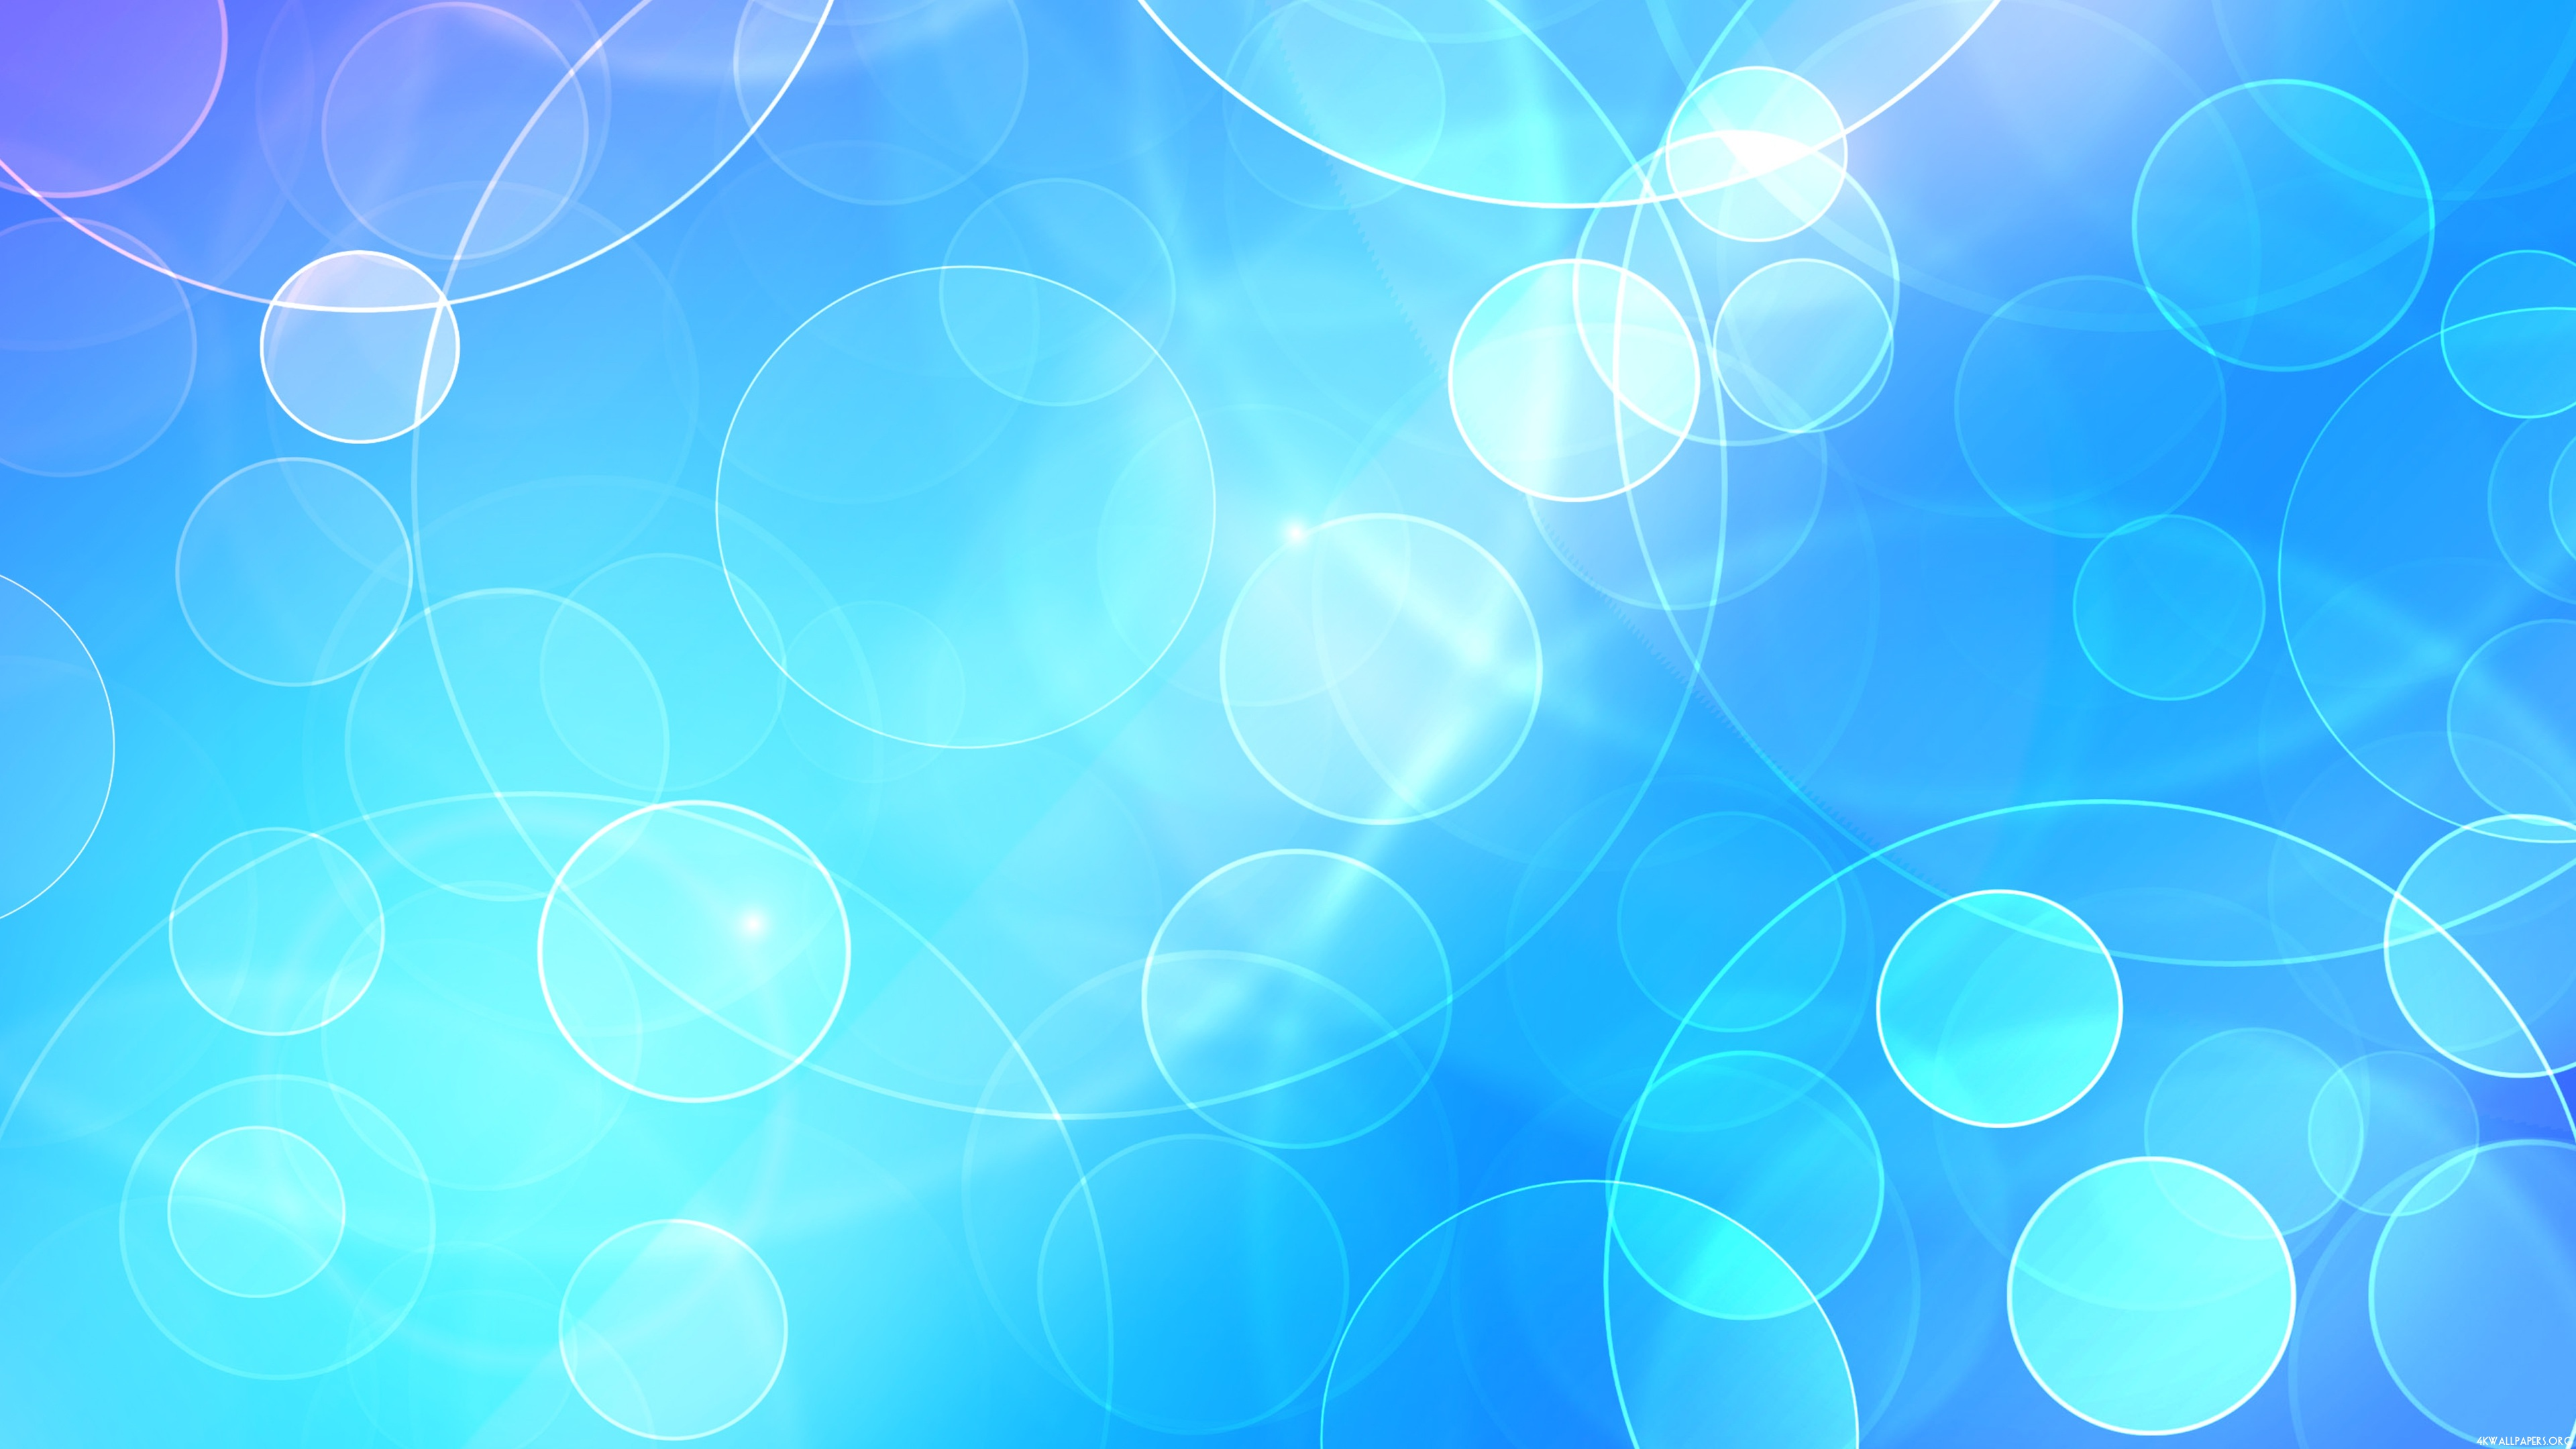 Ảnh nền xanh dương 4K